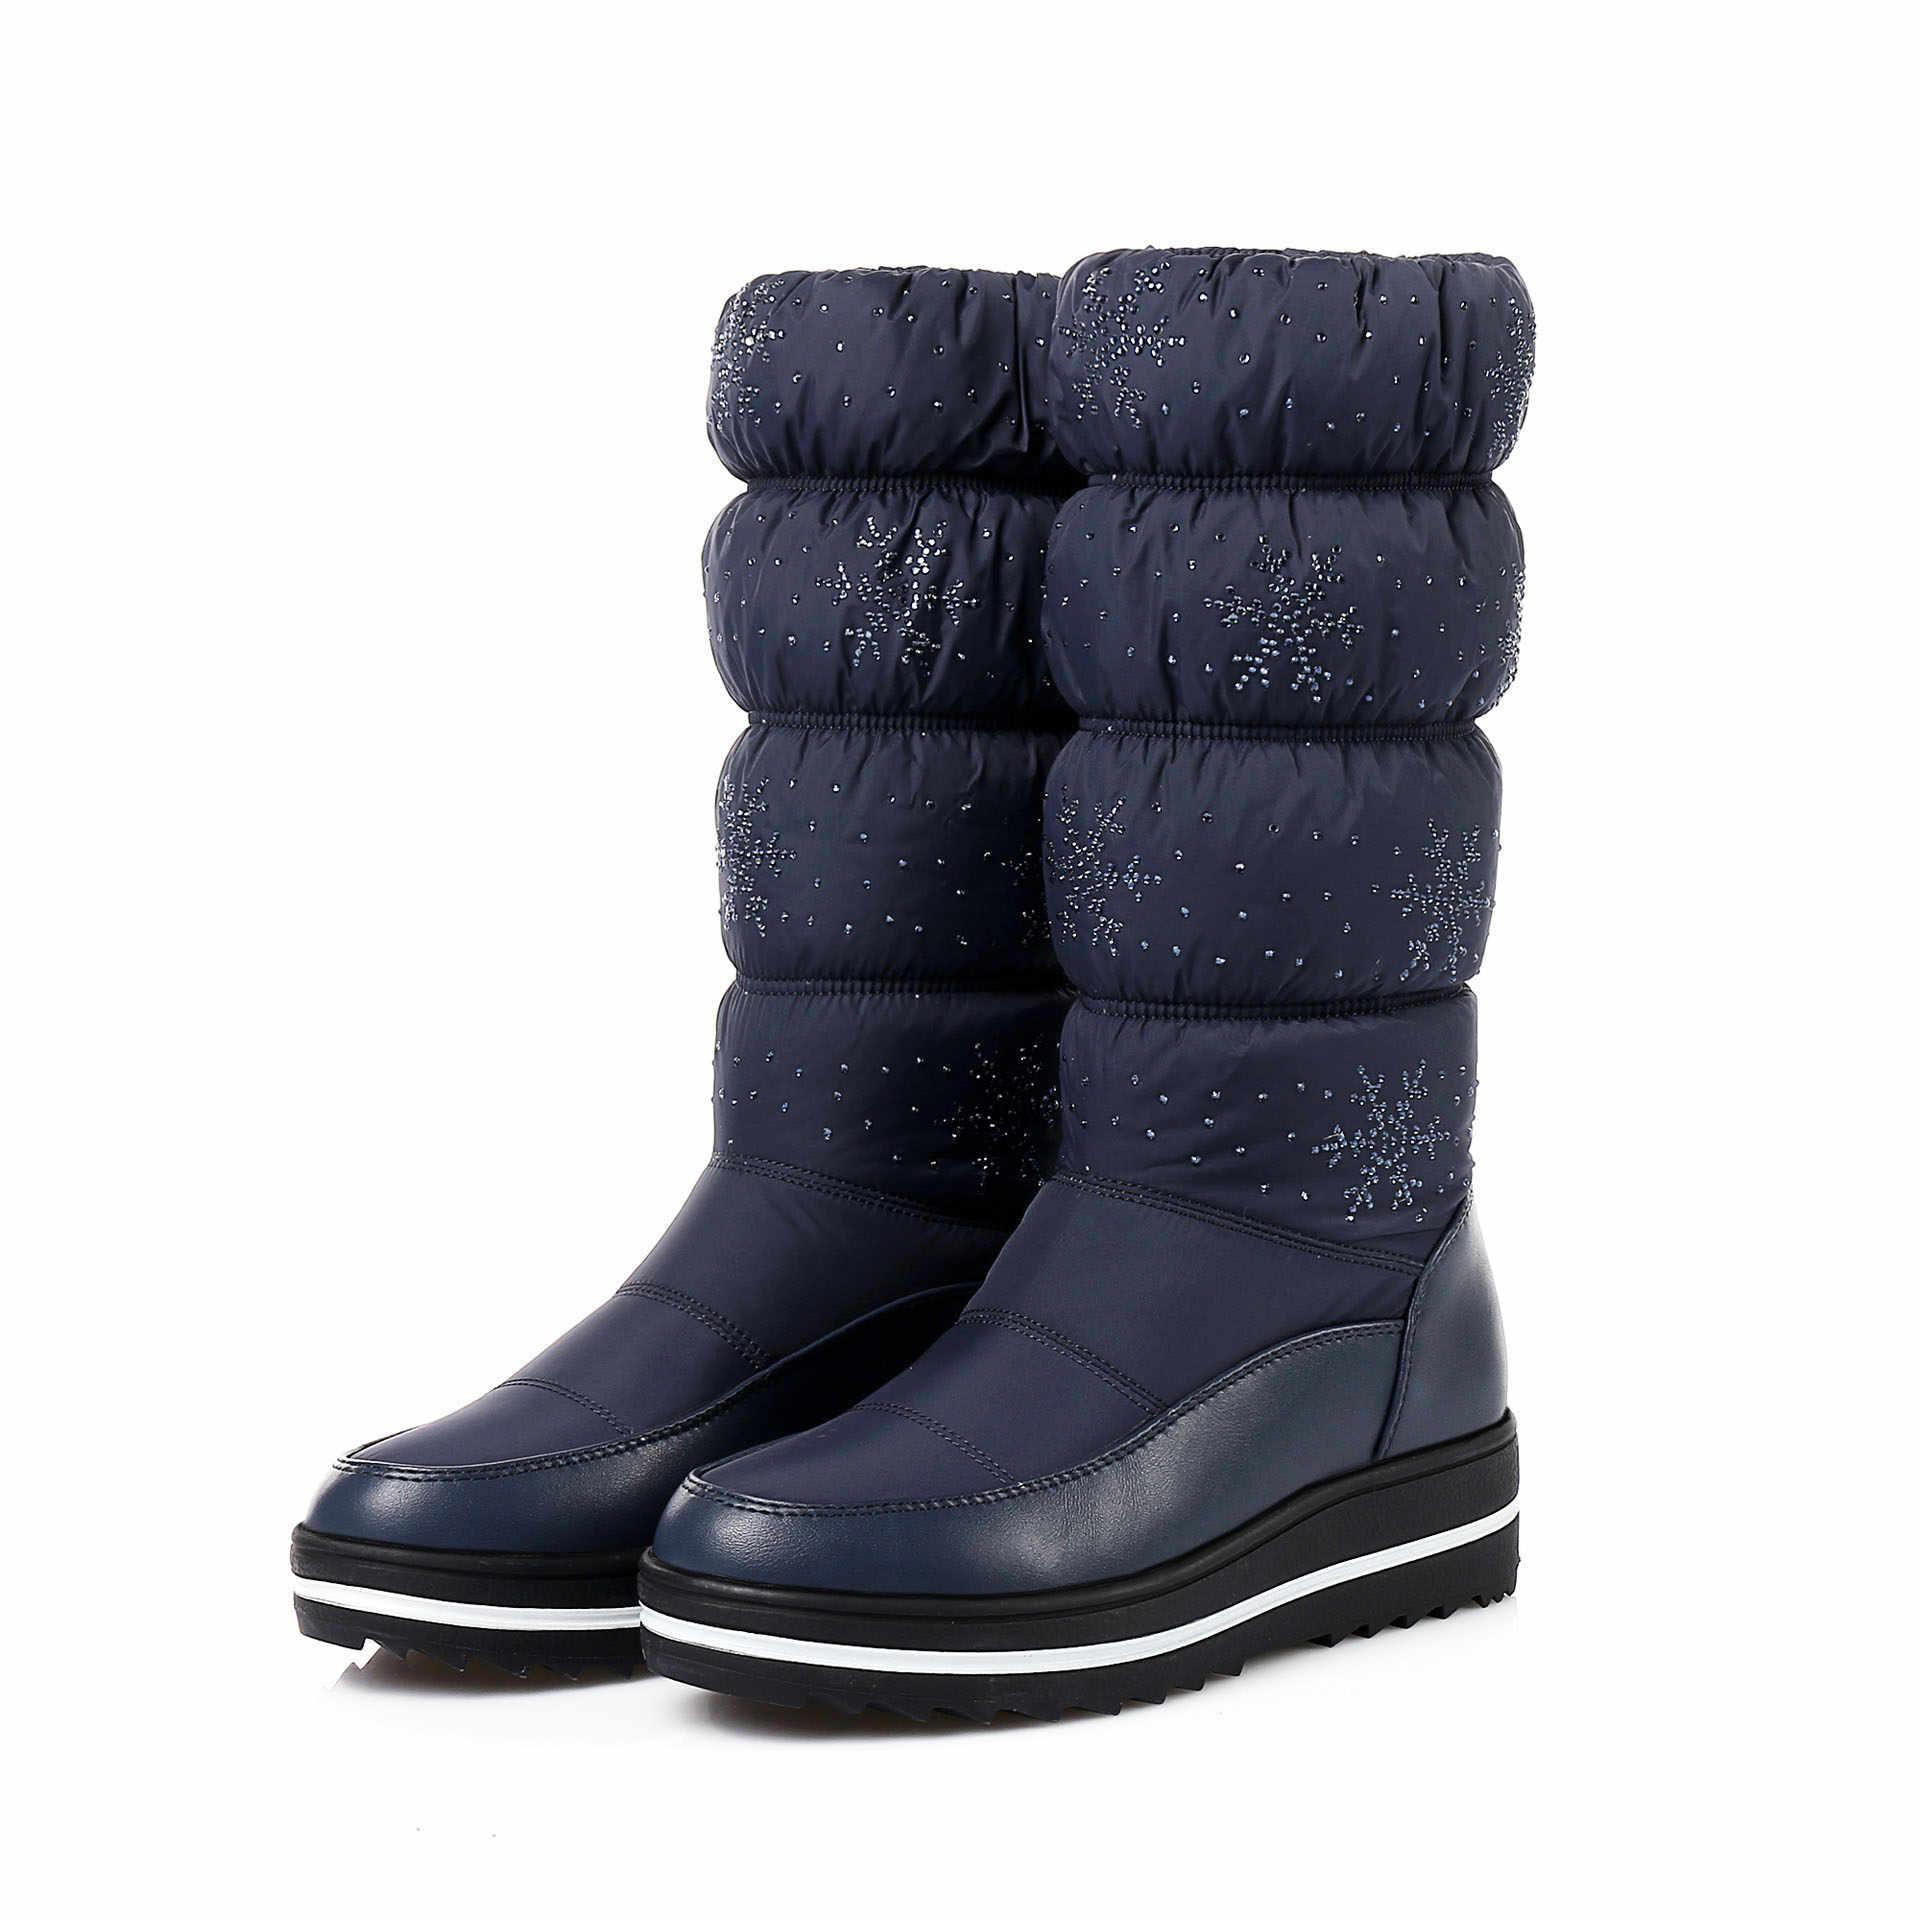 2019 Kadın Sıcak Kar Botları Kış Küçük Aşağı Kar Moda Tüp rahat ayakkabılar Kadınlar Için Diz Yüksek Çizmeler kaymaz rüzgar geçirmez HX-92